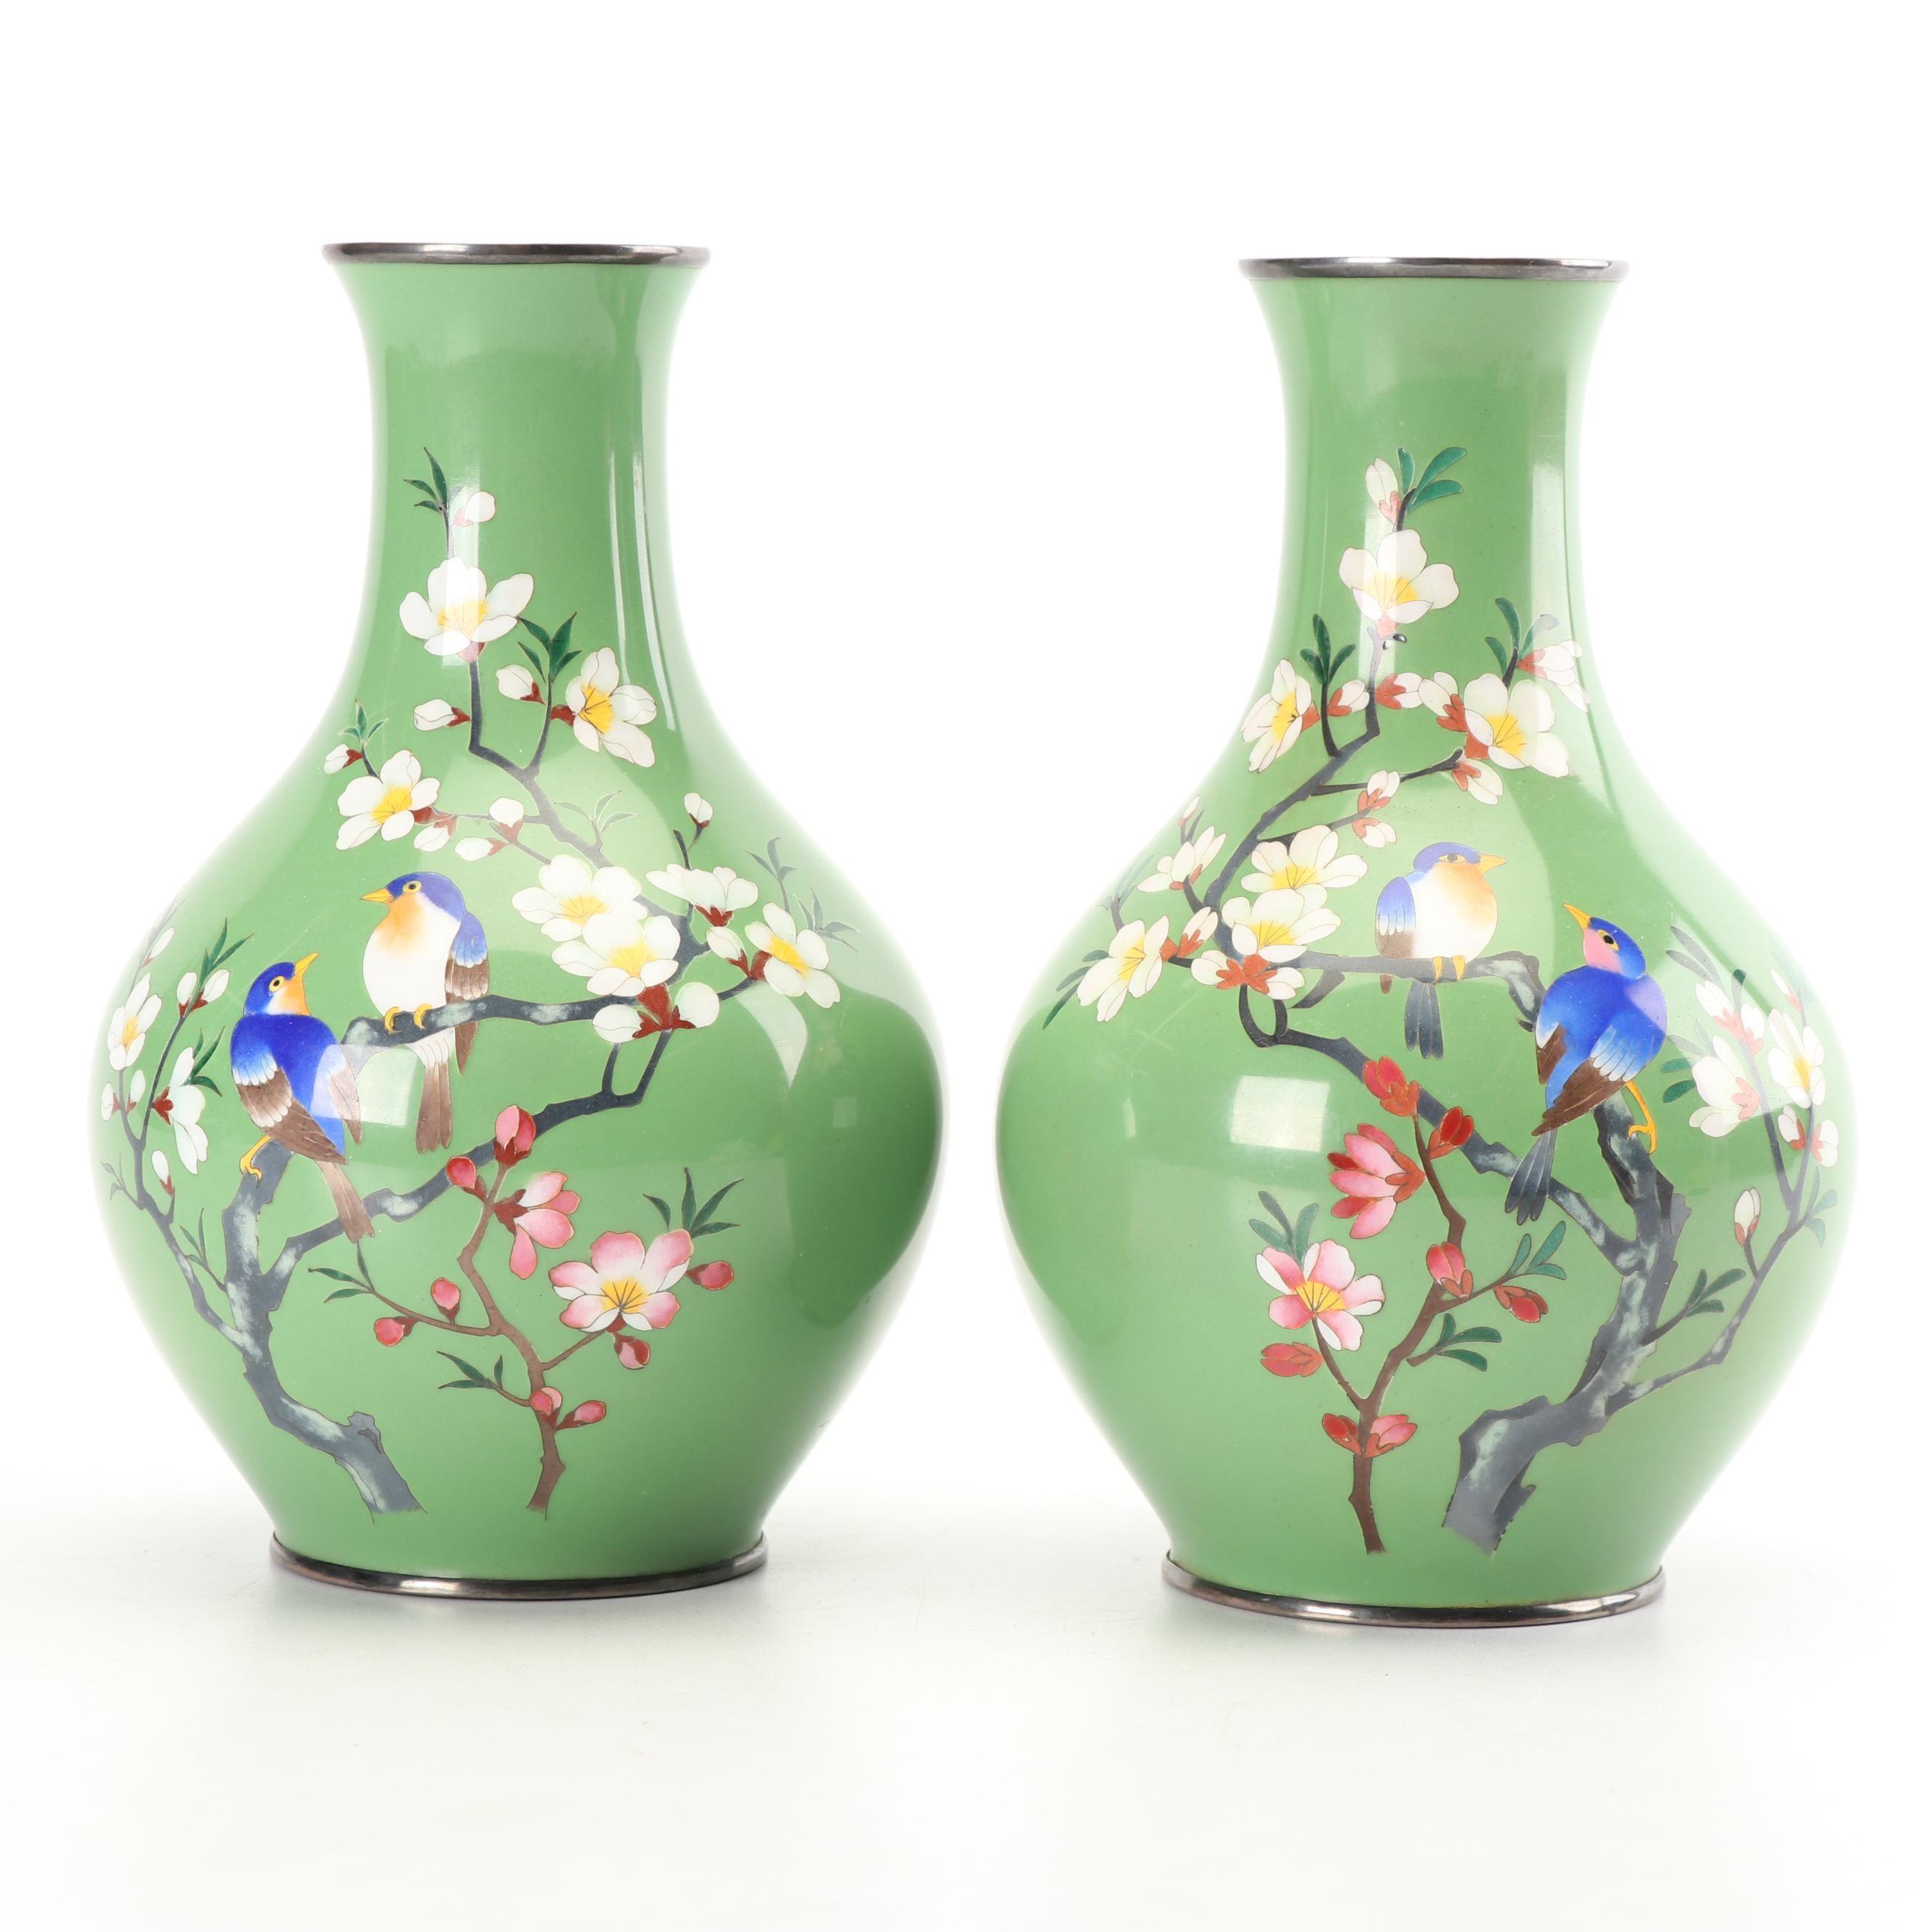 Chinese Plum Blossom Motif Cloisonné Vases